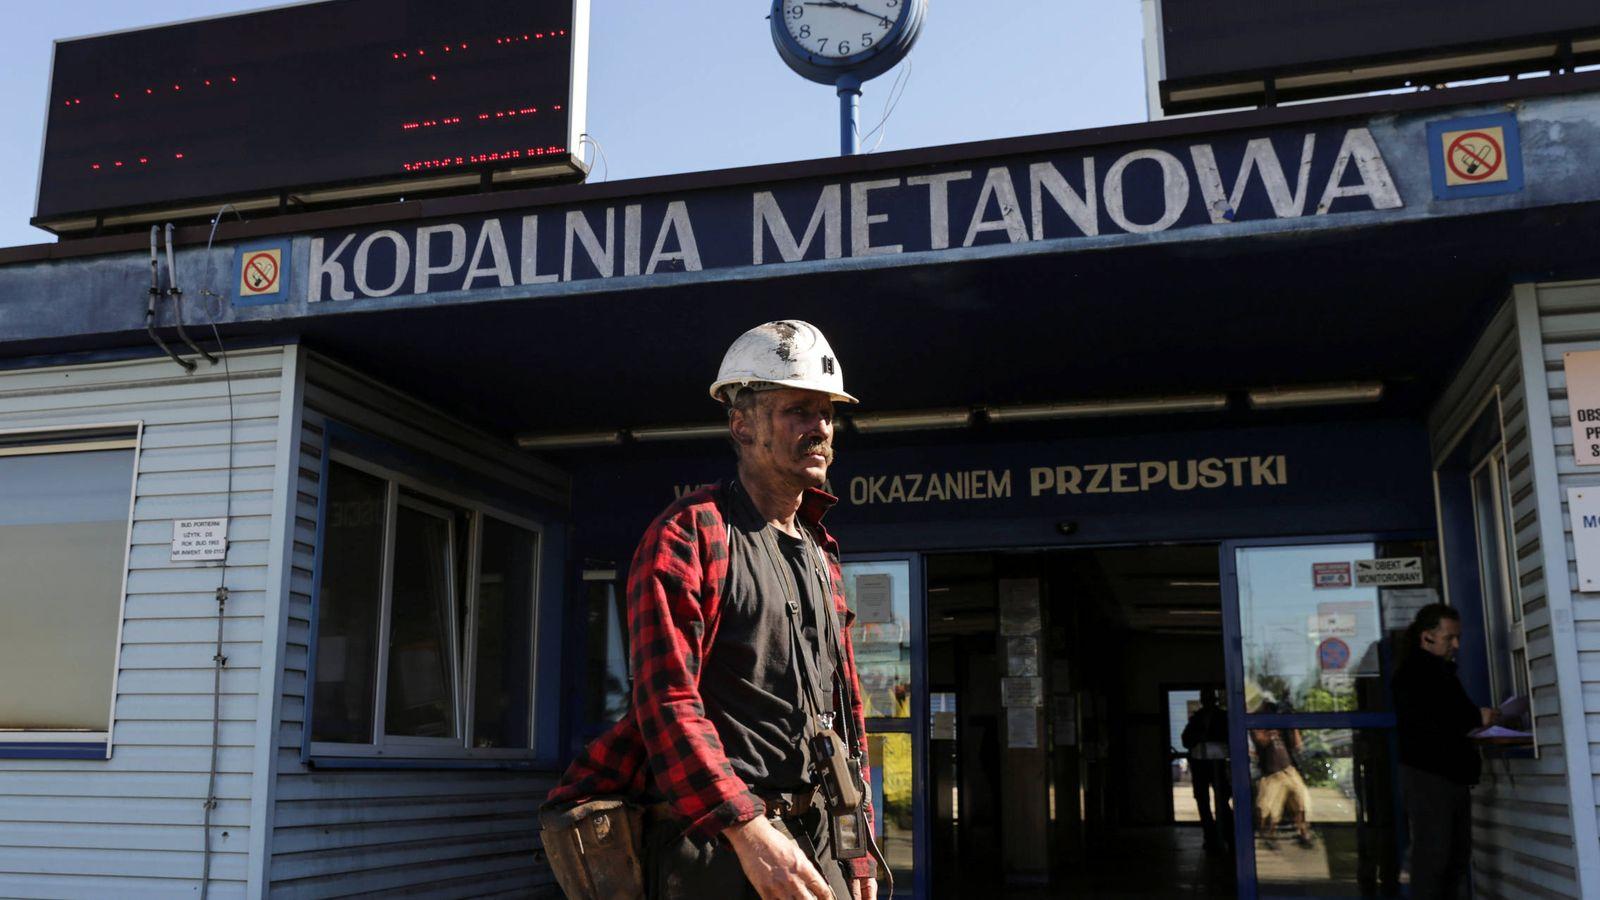 Noticias de Europa: El carbón y la basura envenenan a 50 000